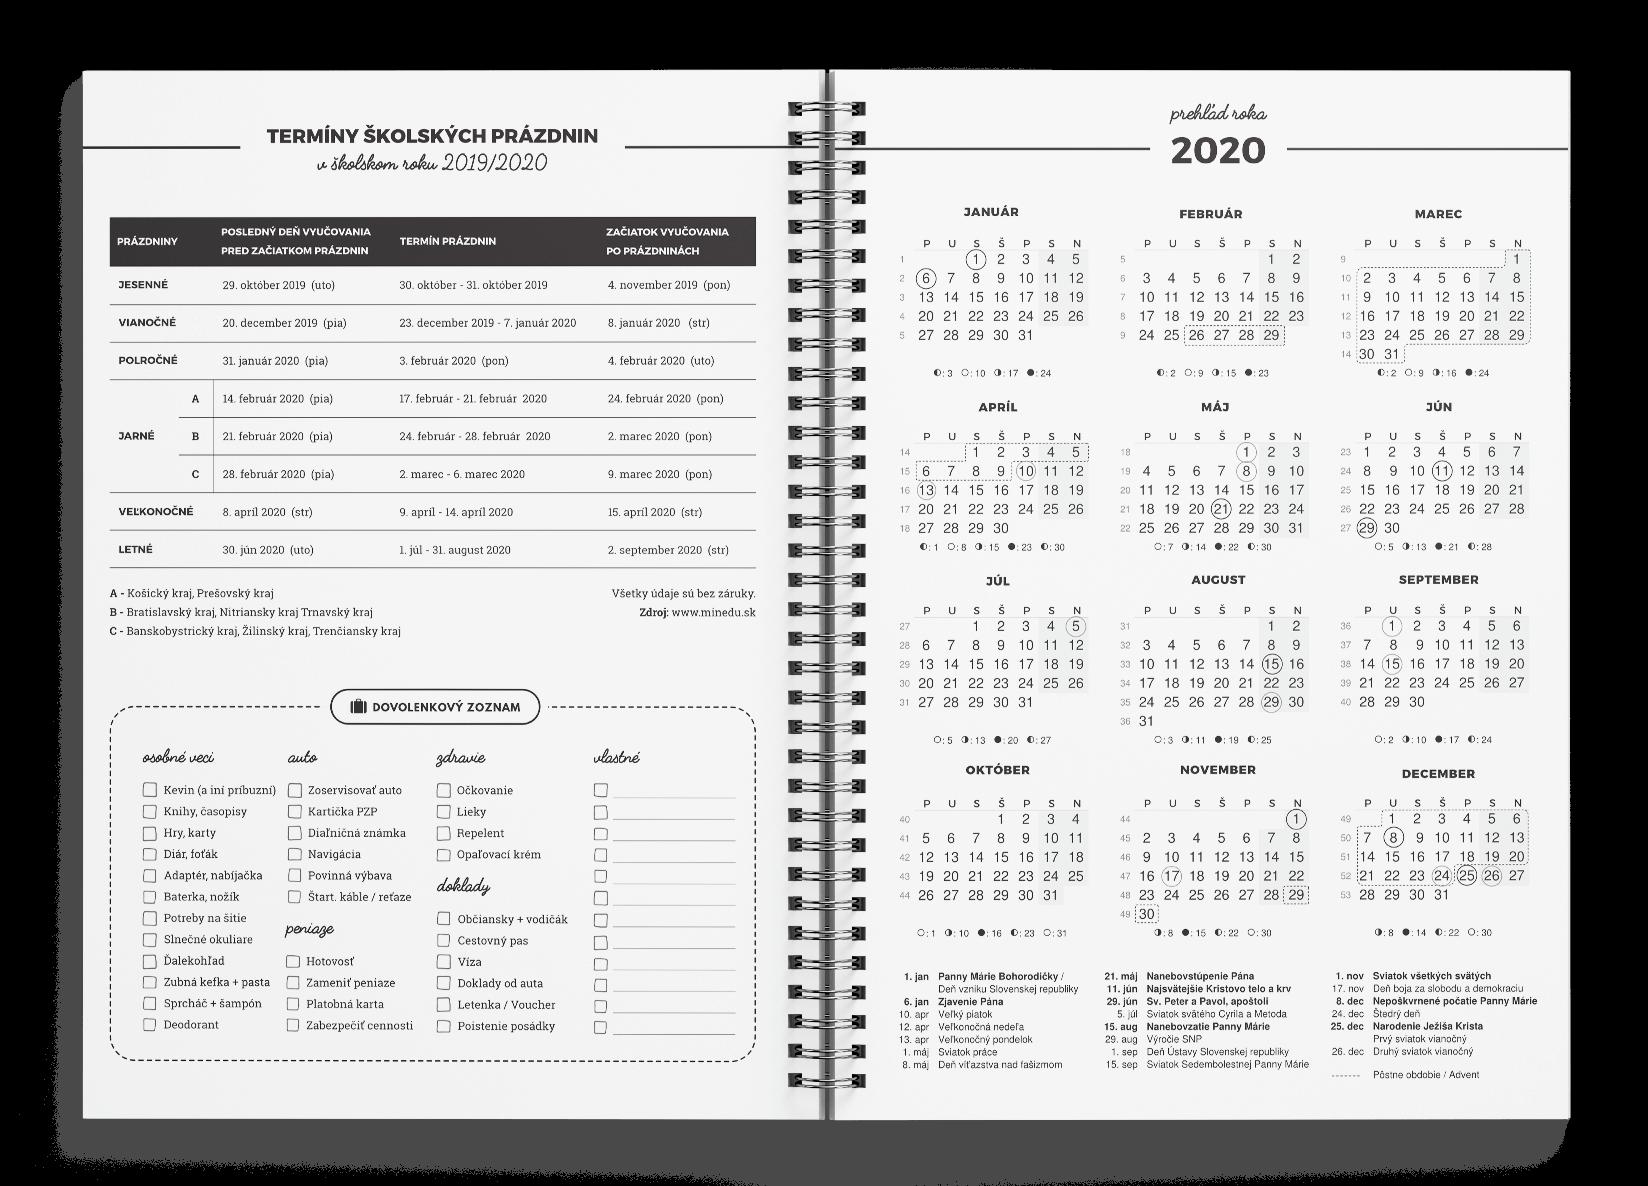 Kresťanský motivačný diár: prehľadný ročný kalendár 2019, sviatky, prázdniny a dovolenkový zoznam